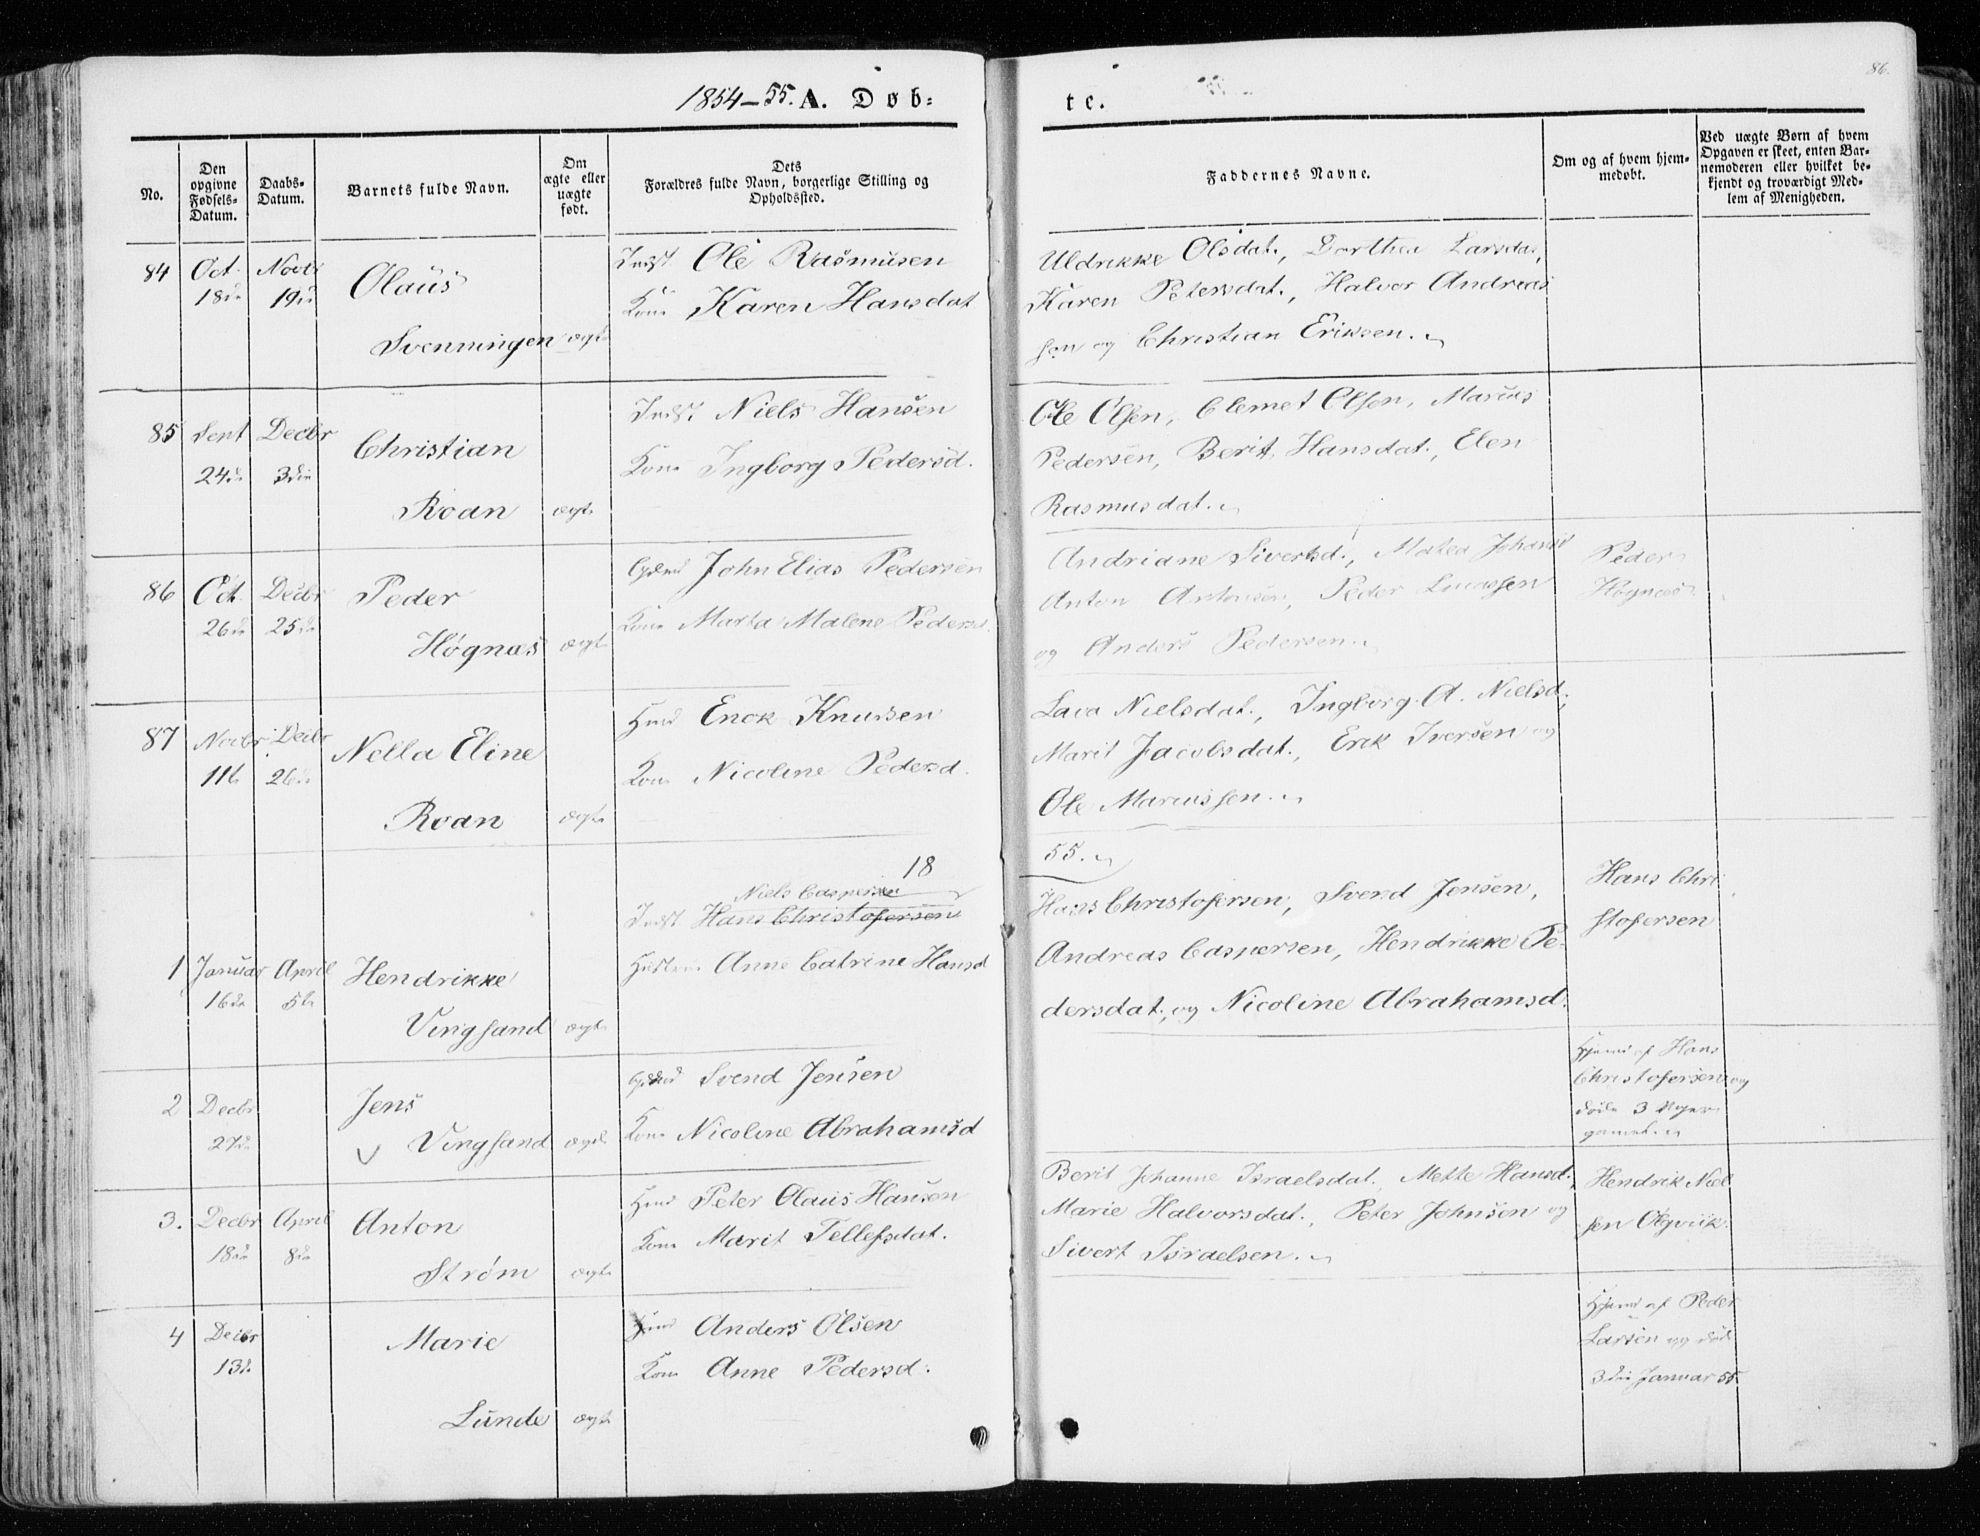 SAT, Ministerialprotokoller, klokkerbøker og fødselsregistre - Sør-Trøndelag, 657/L0704: Ministerialbok nr. 657A05, 1846-1857, s. 86